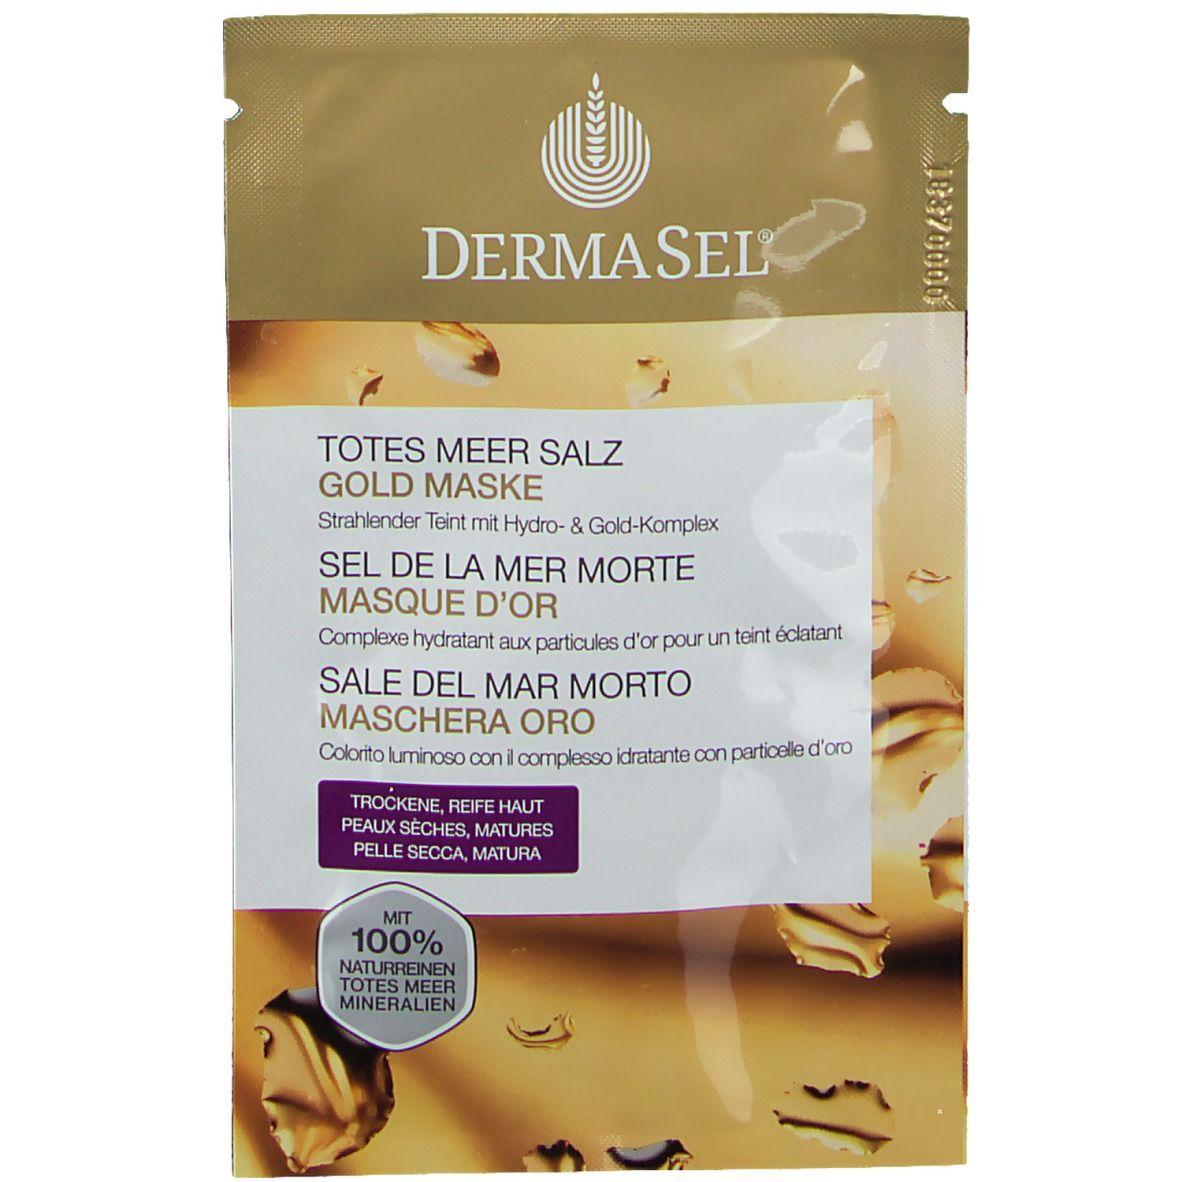 DermaSel® Masque d'Or